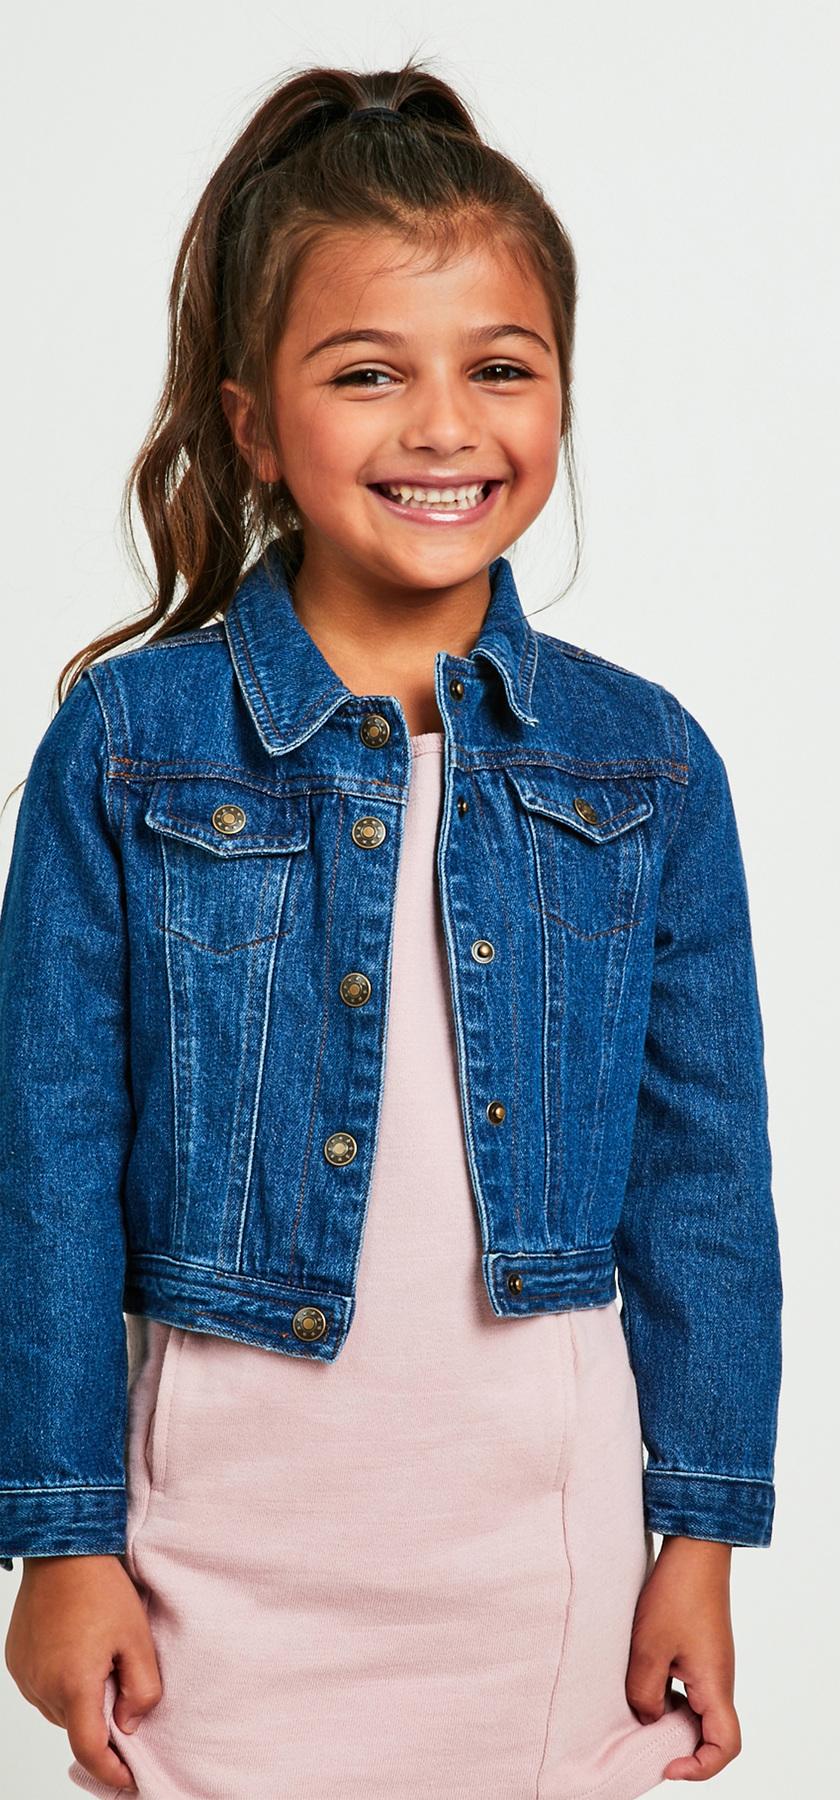 b3e1699f8c Pink Sweatshirt Dress Jacket Outfit - FabKids